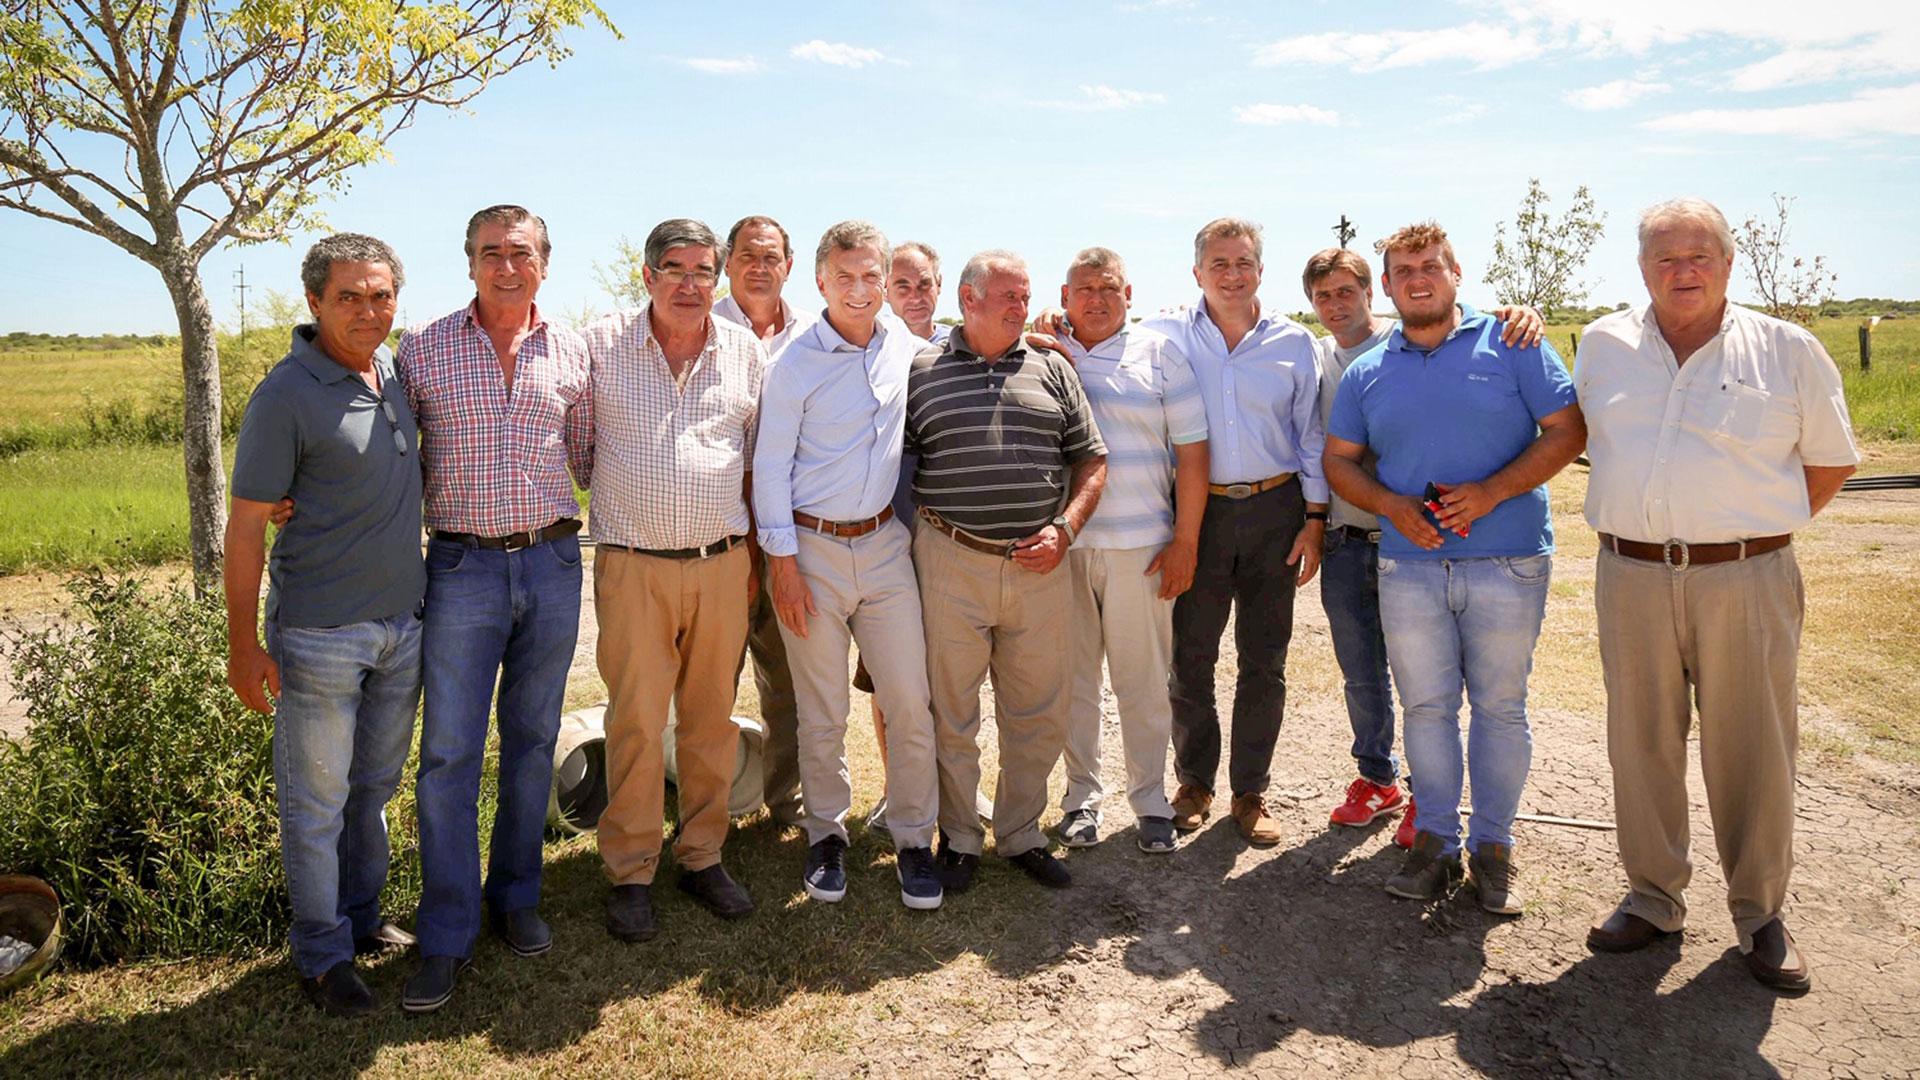 El presidente Mauricio Macri recorrió las zonas inundadas de Santa Fe y se entrevistó con productores. En la imagen, junto al secretario de Agroindustria, Luis Miguel Etchevehere